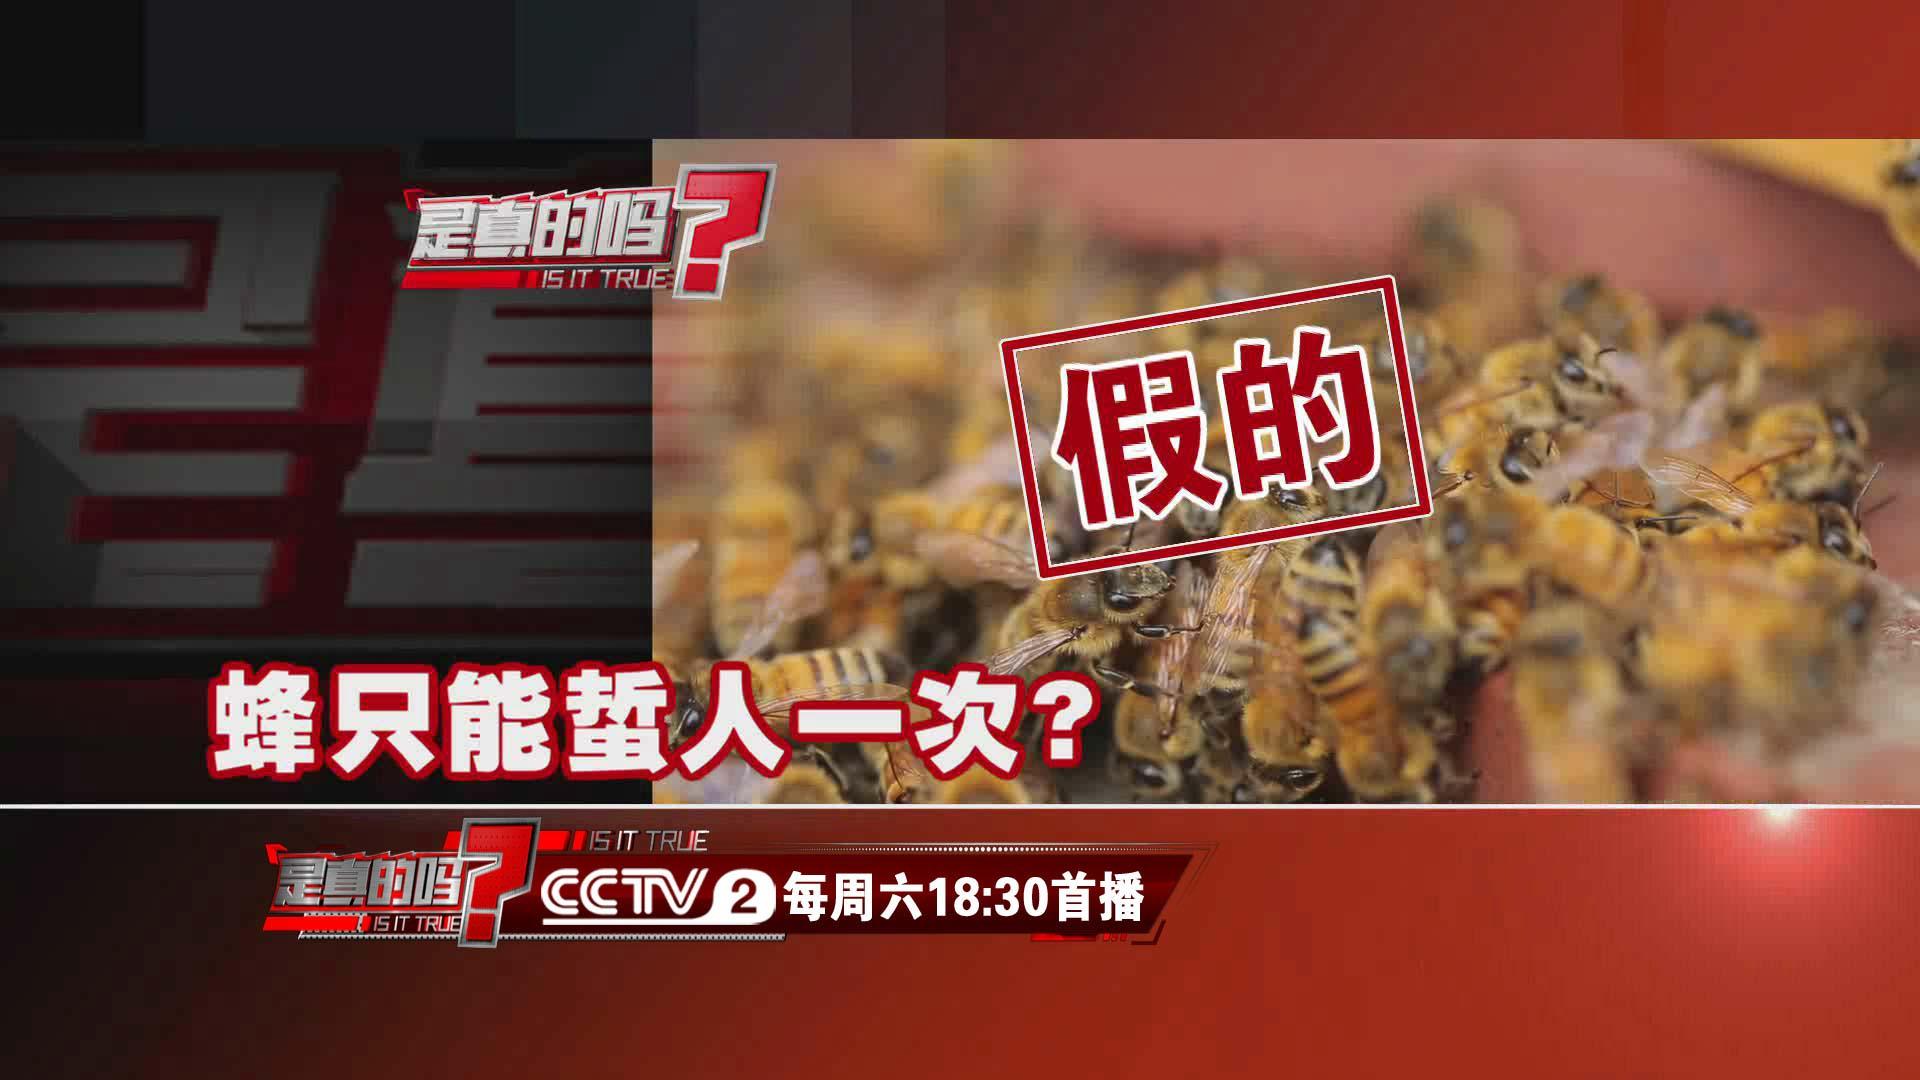 这就是真相 蜂只能蜇人一次?假的 多数蜂类蜇针上不带倒钩